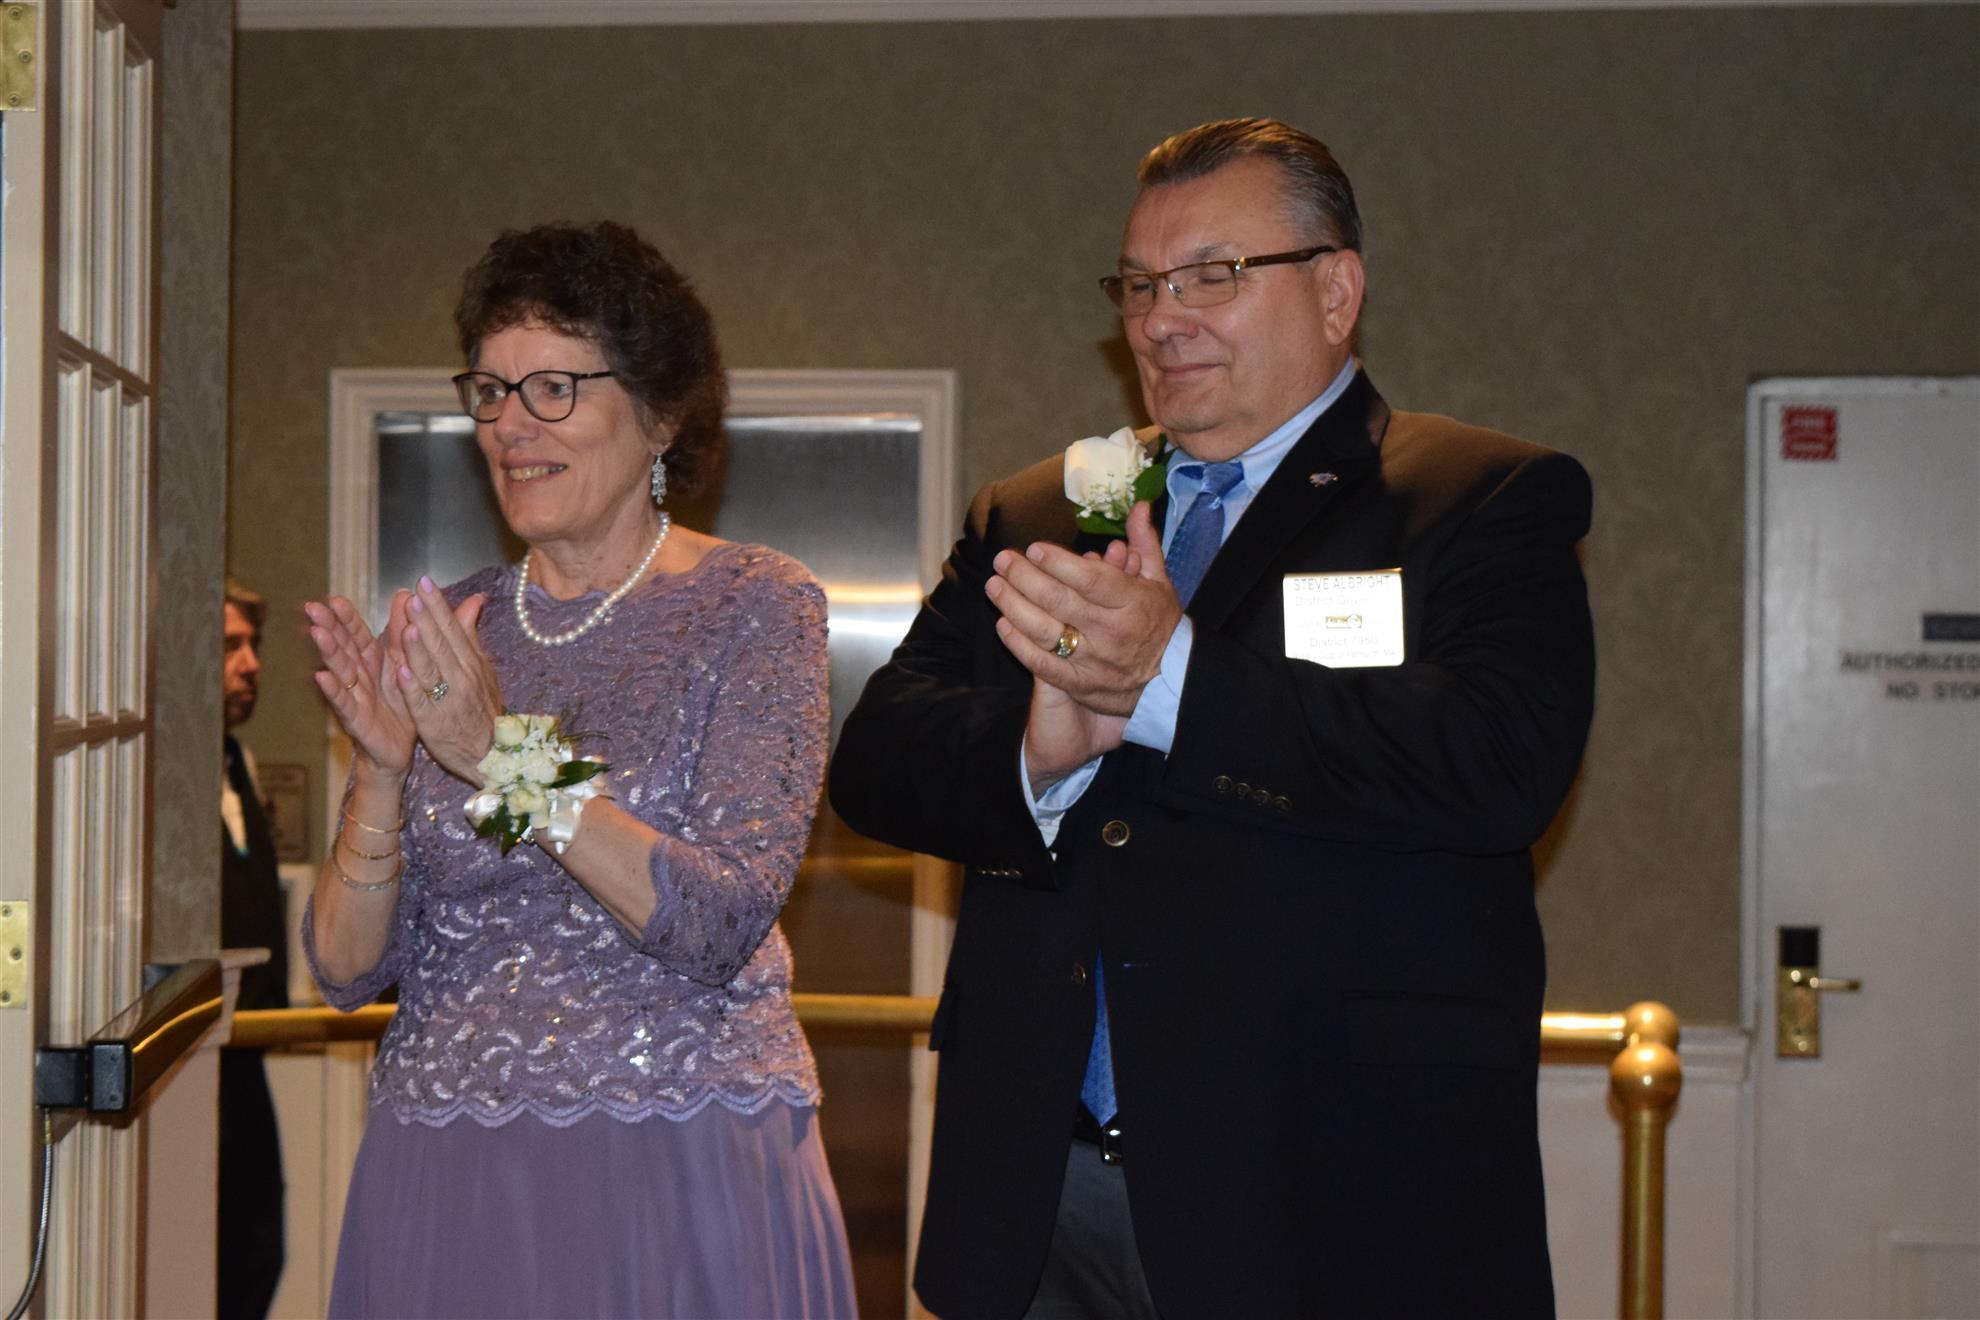 DG Steve Albright and Jill